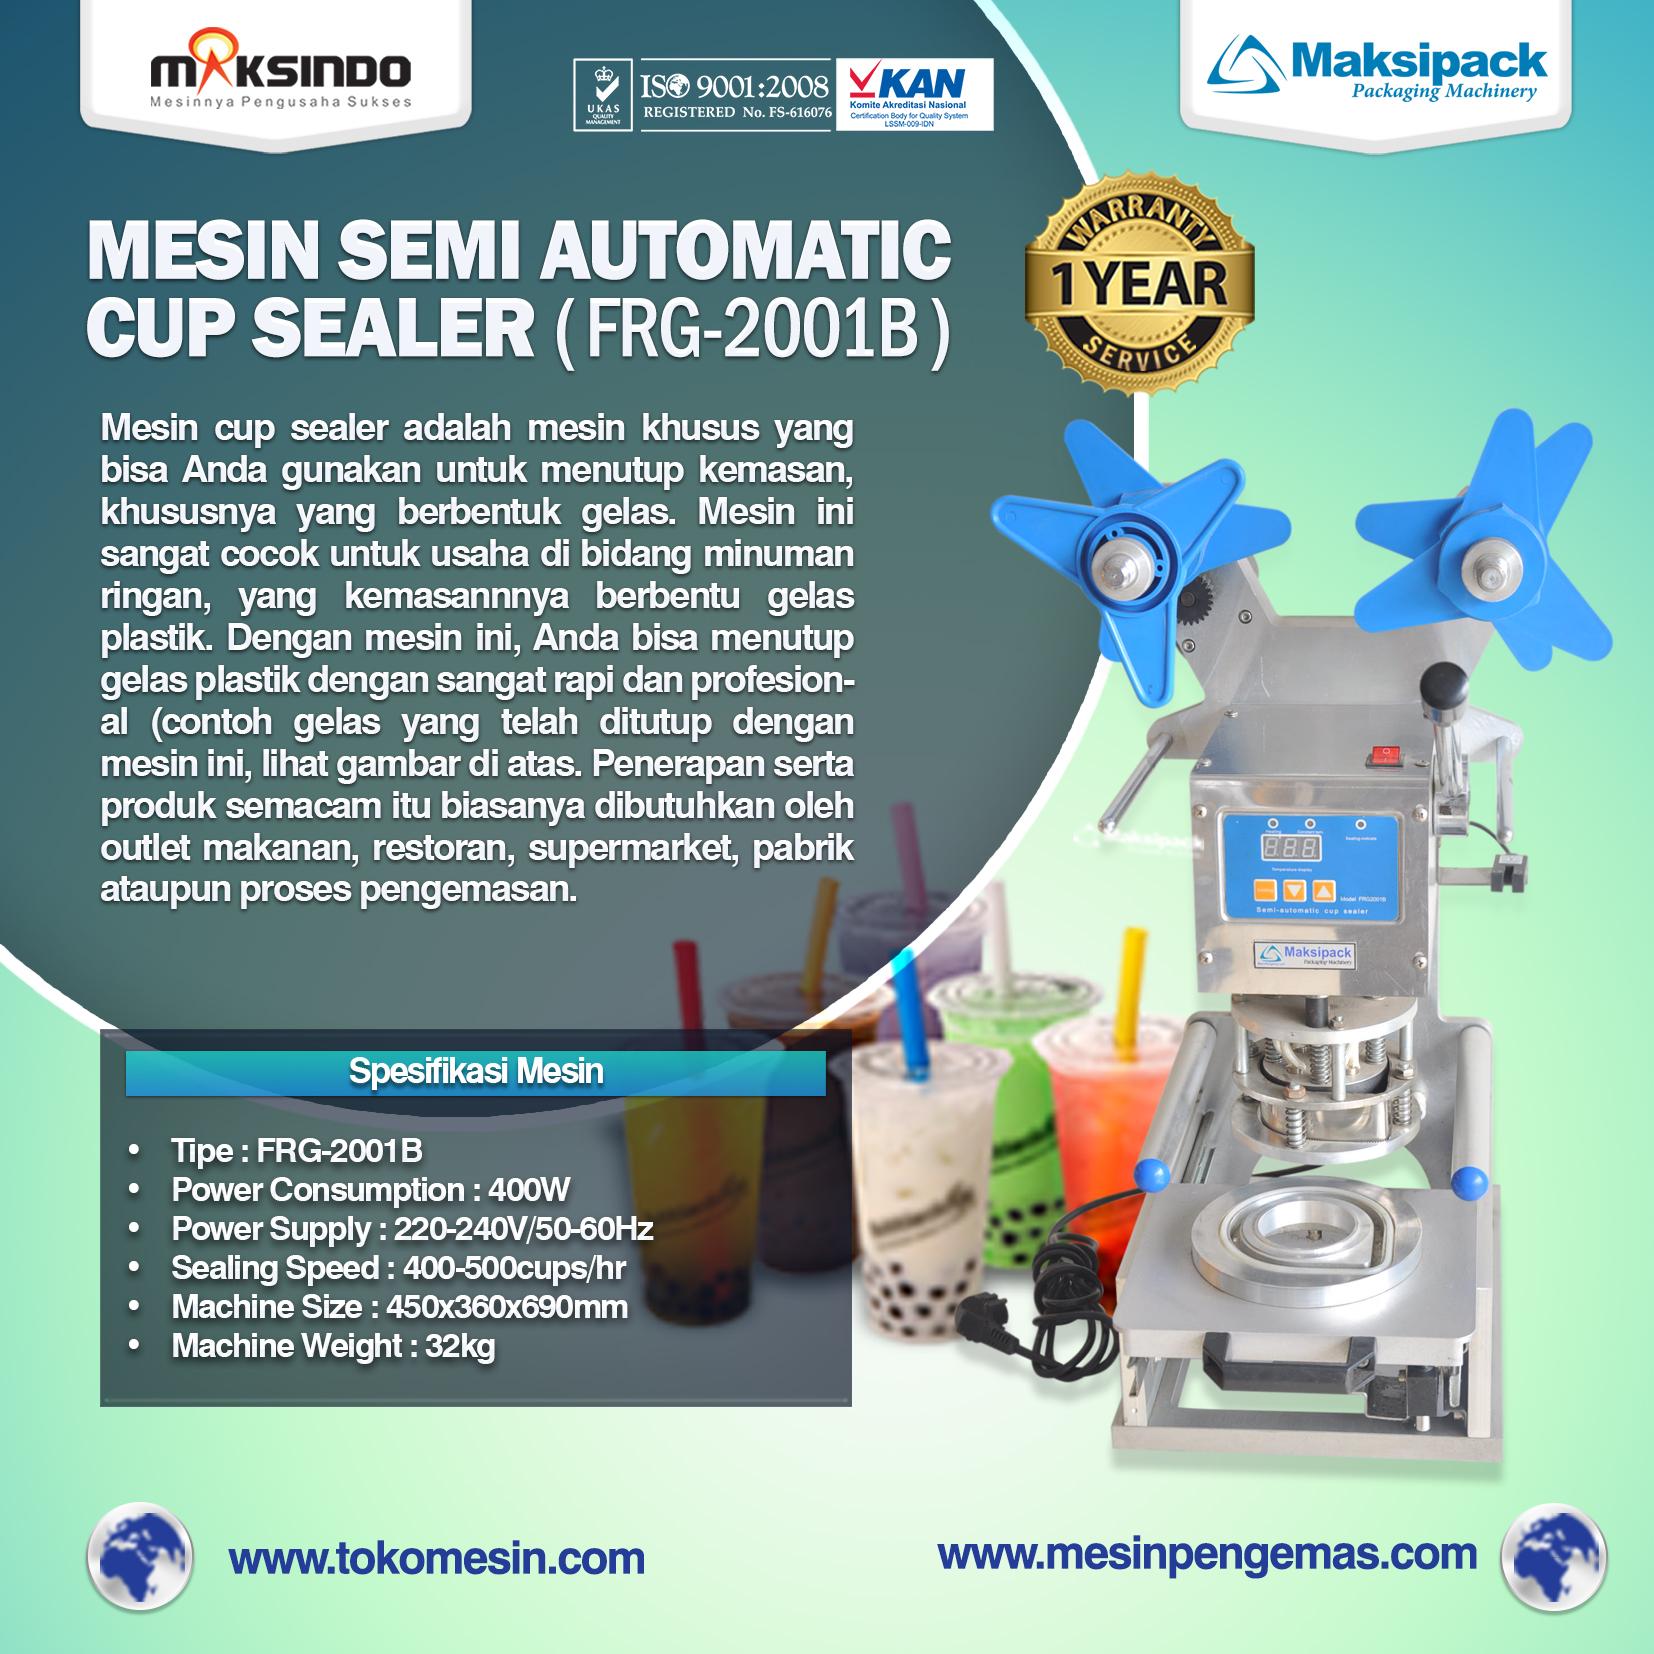 Semi Automatic Cup Sealer (FRG-2001B)